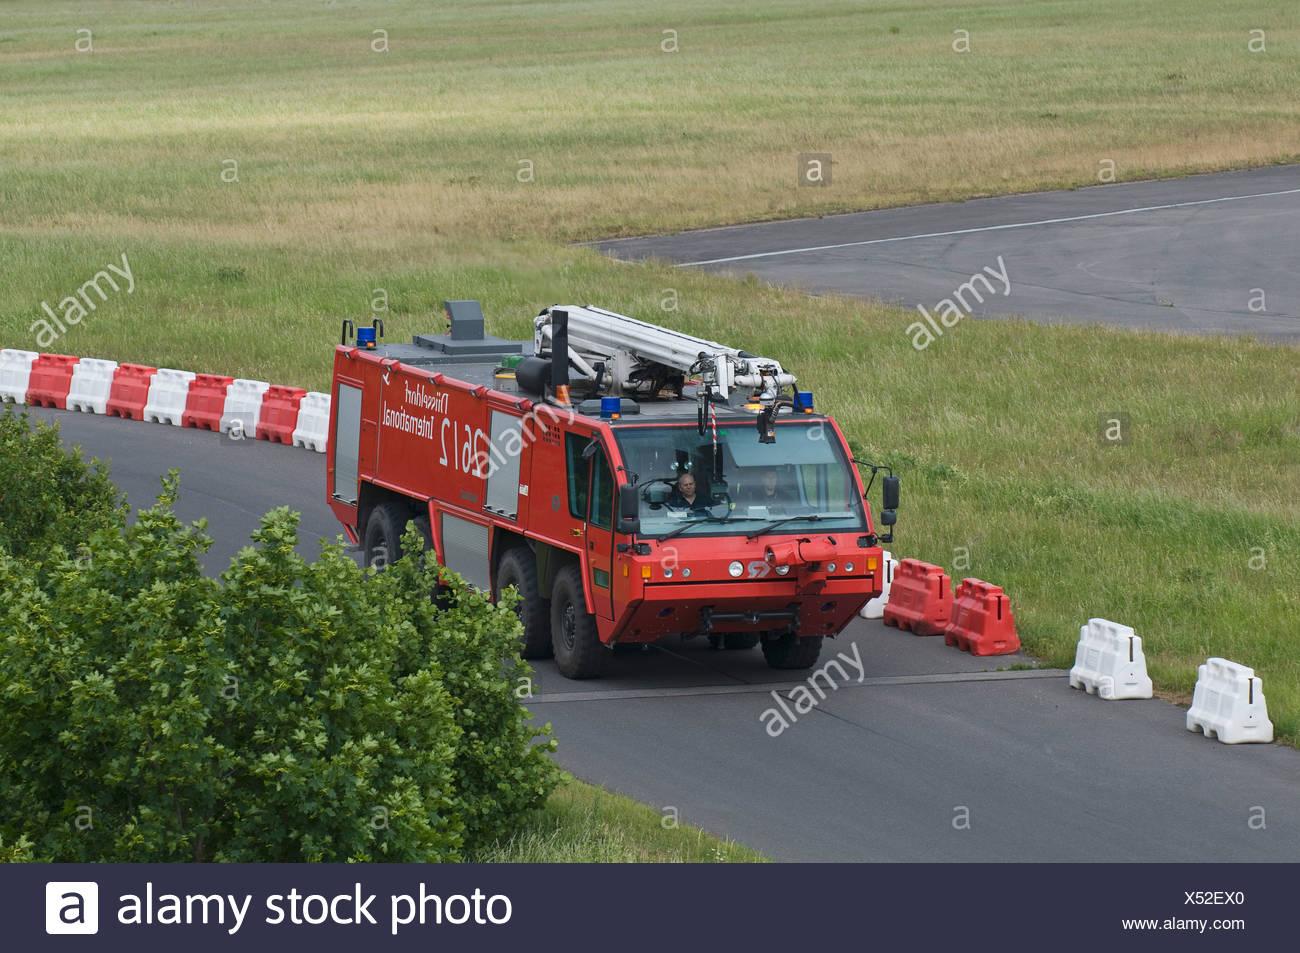 Véhicule d'urgence des pompiers, l'Aéroport International de Düsseldorf, Düsseldorf, Rhénanie du Nord-Westphalie, Allemagne, Europe Photo Stock